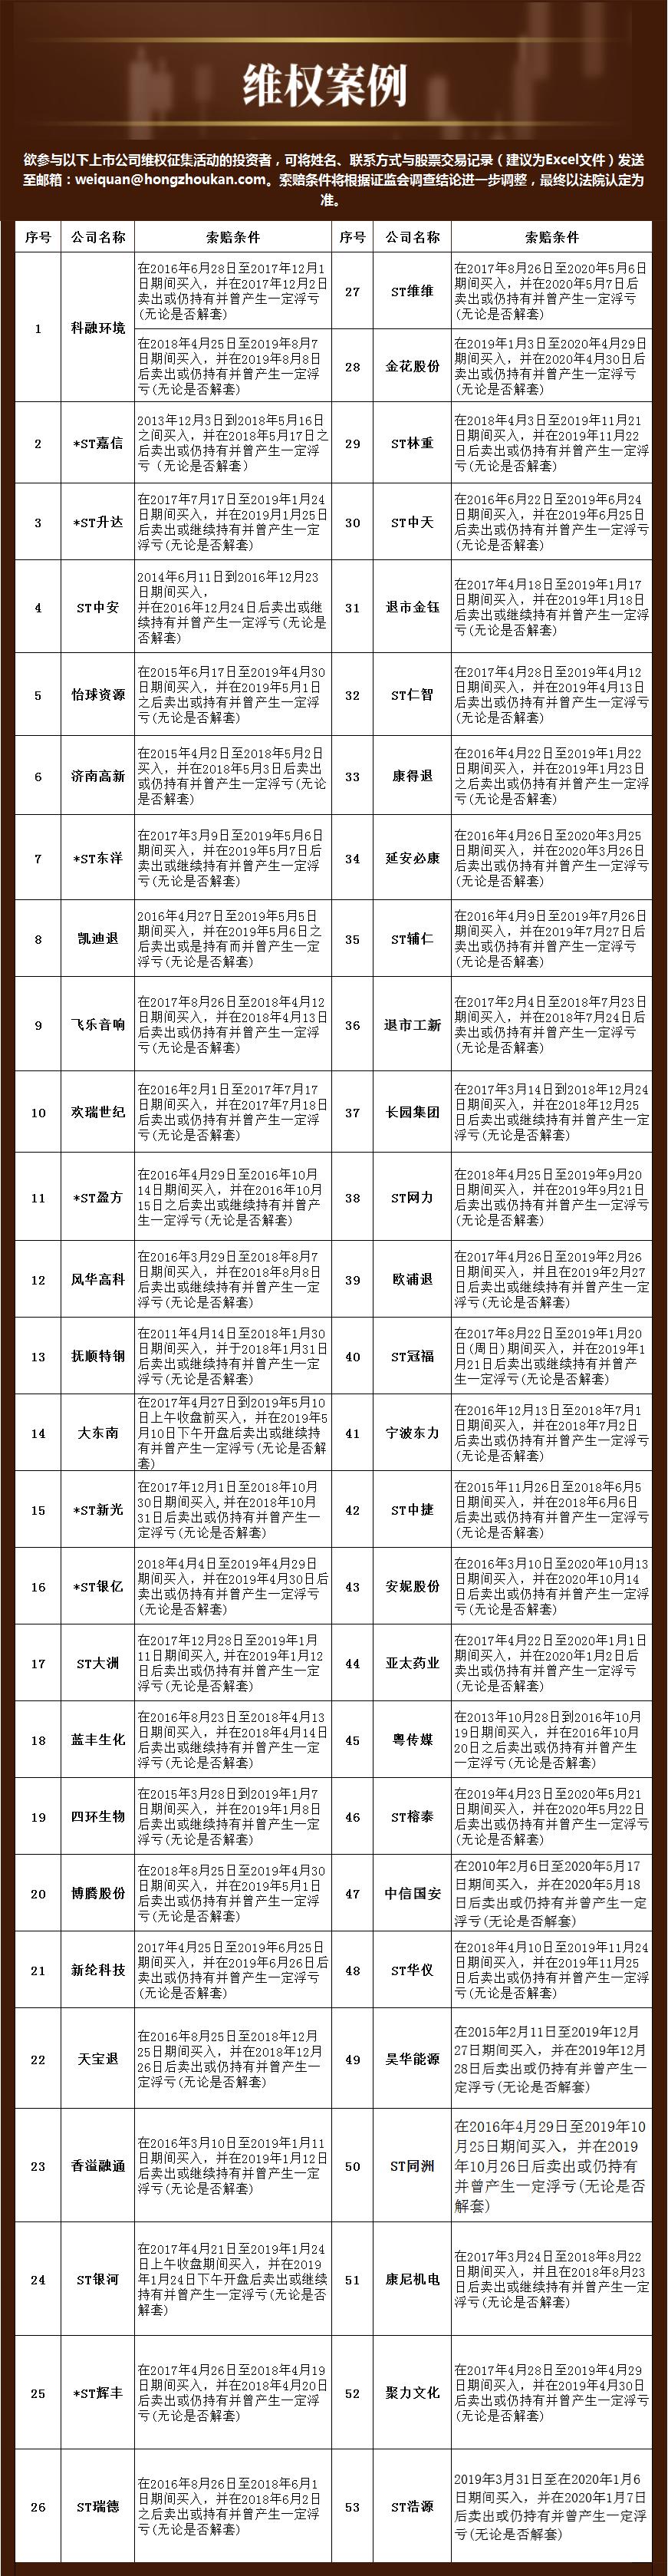 民间维权 | ST华仪:公司违规担保余额超1.8亿元